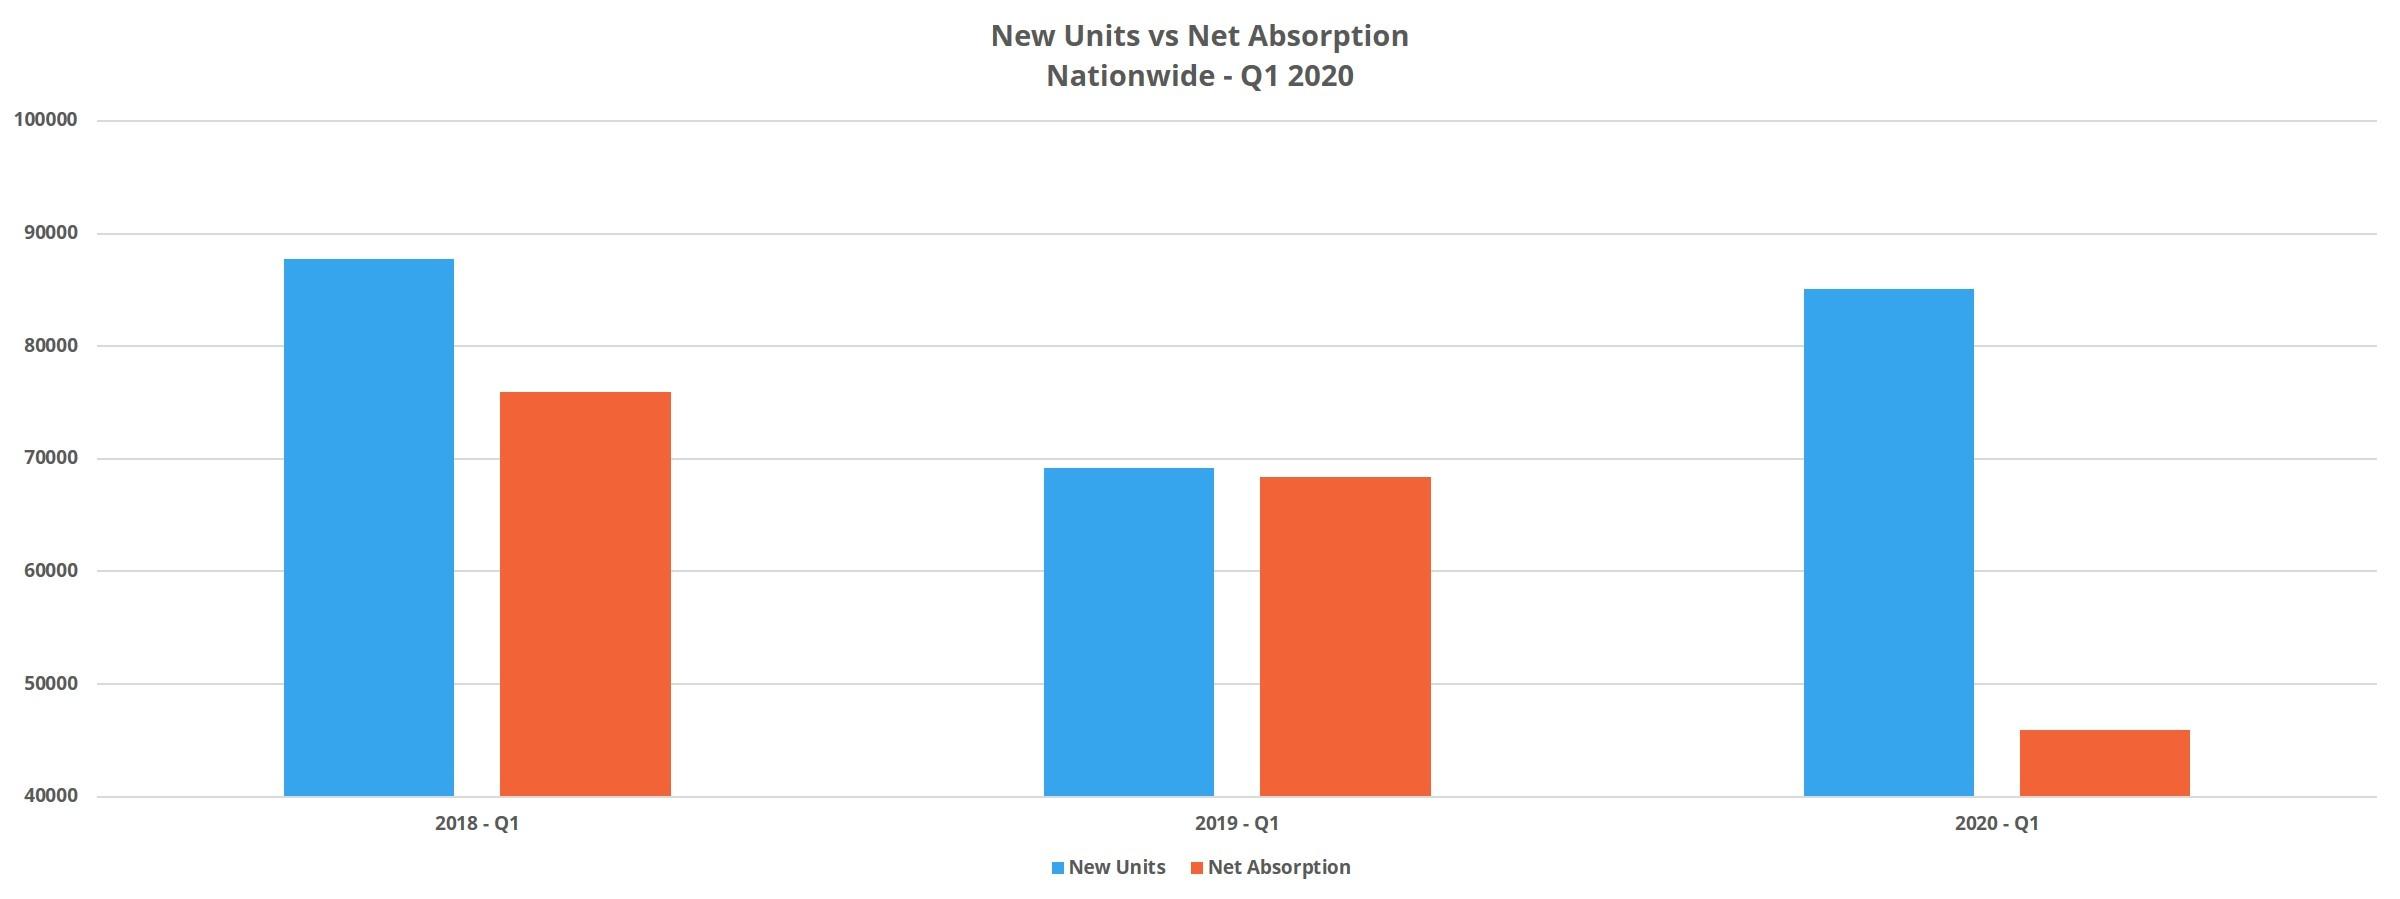 New Units vs Net Absorption Nationwide Q1 2020